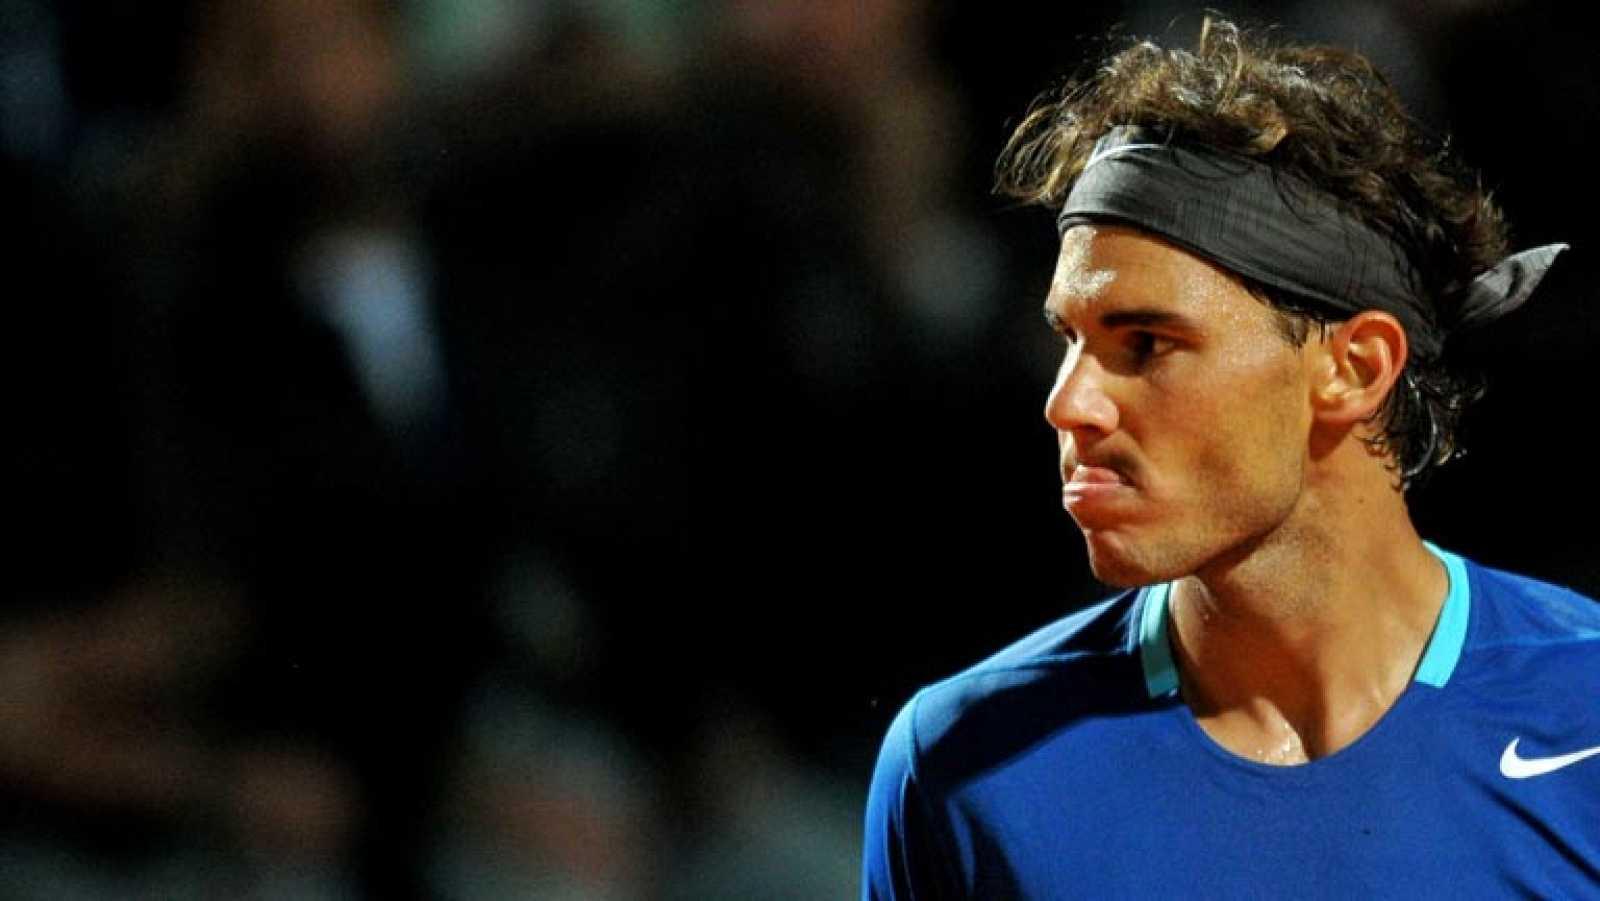 Nadal supera a Berdych en un intenso duelo y accede a las semifinales en Roma